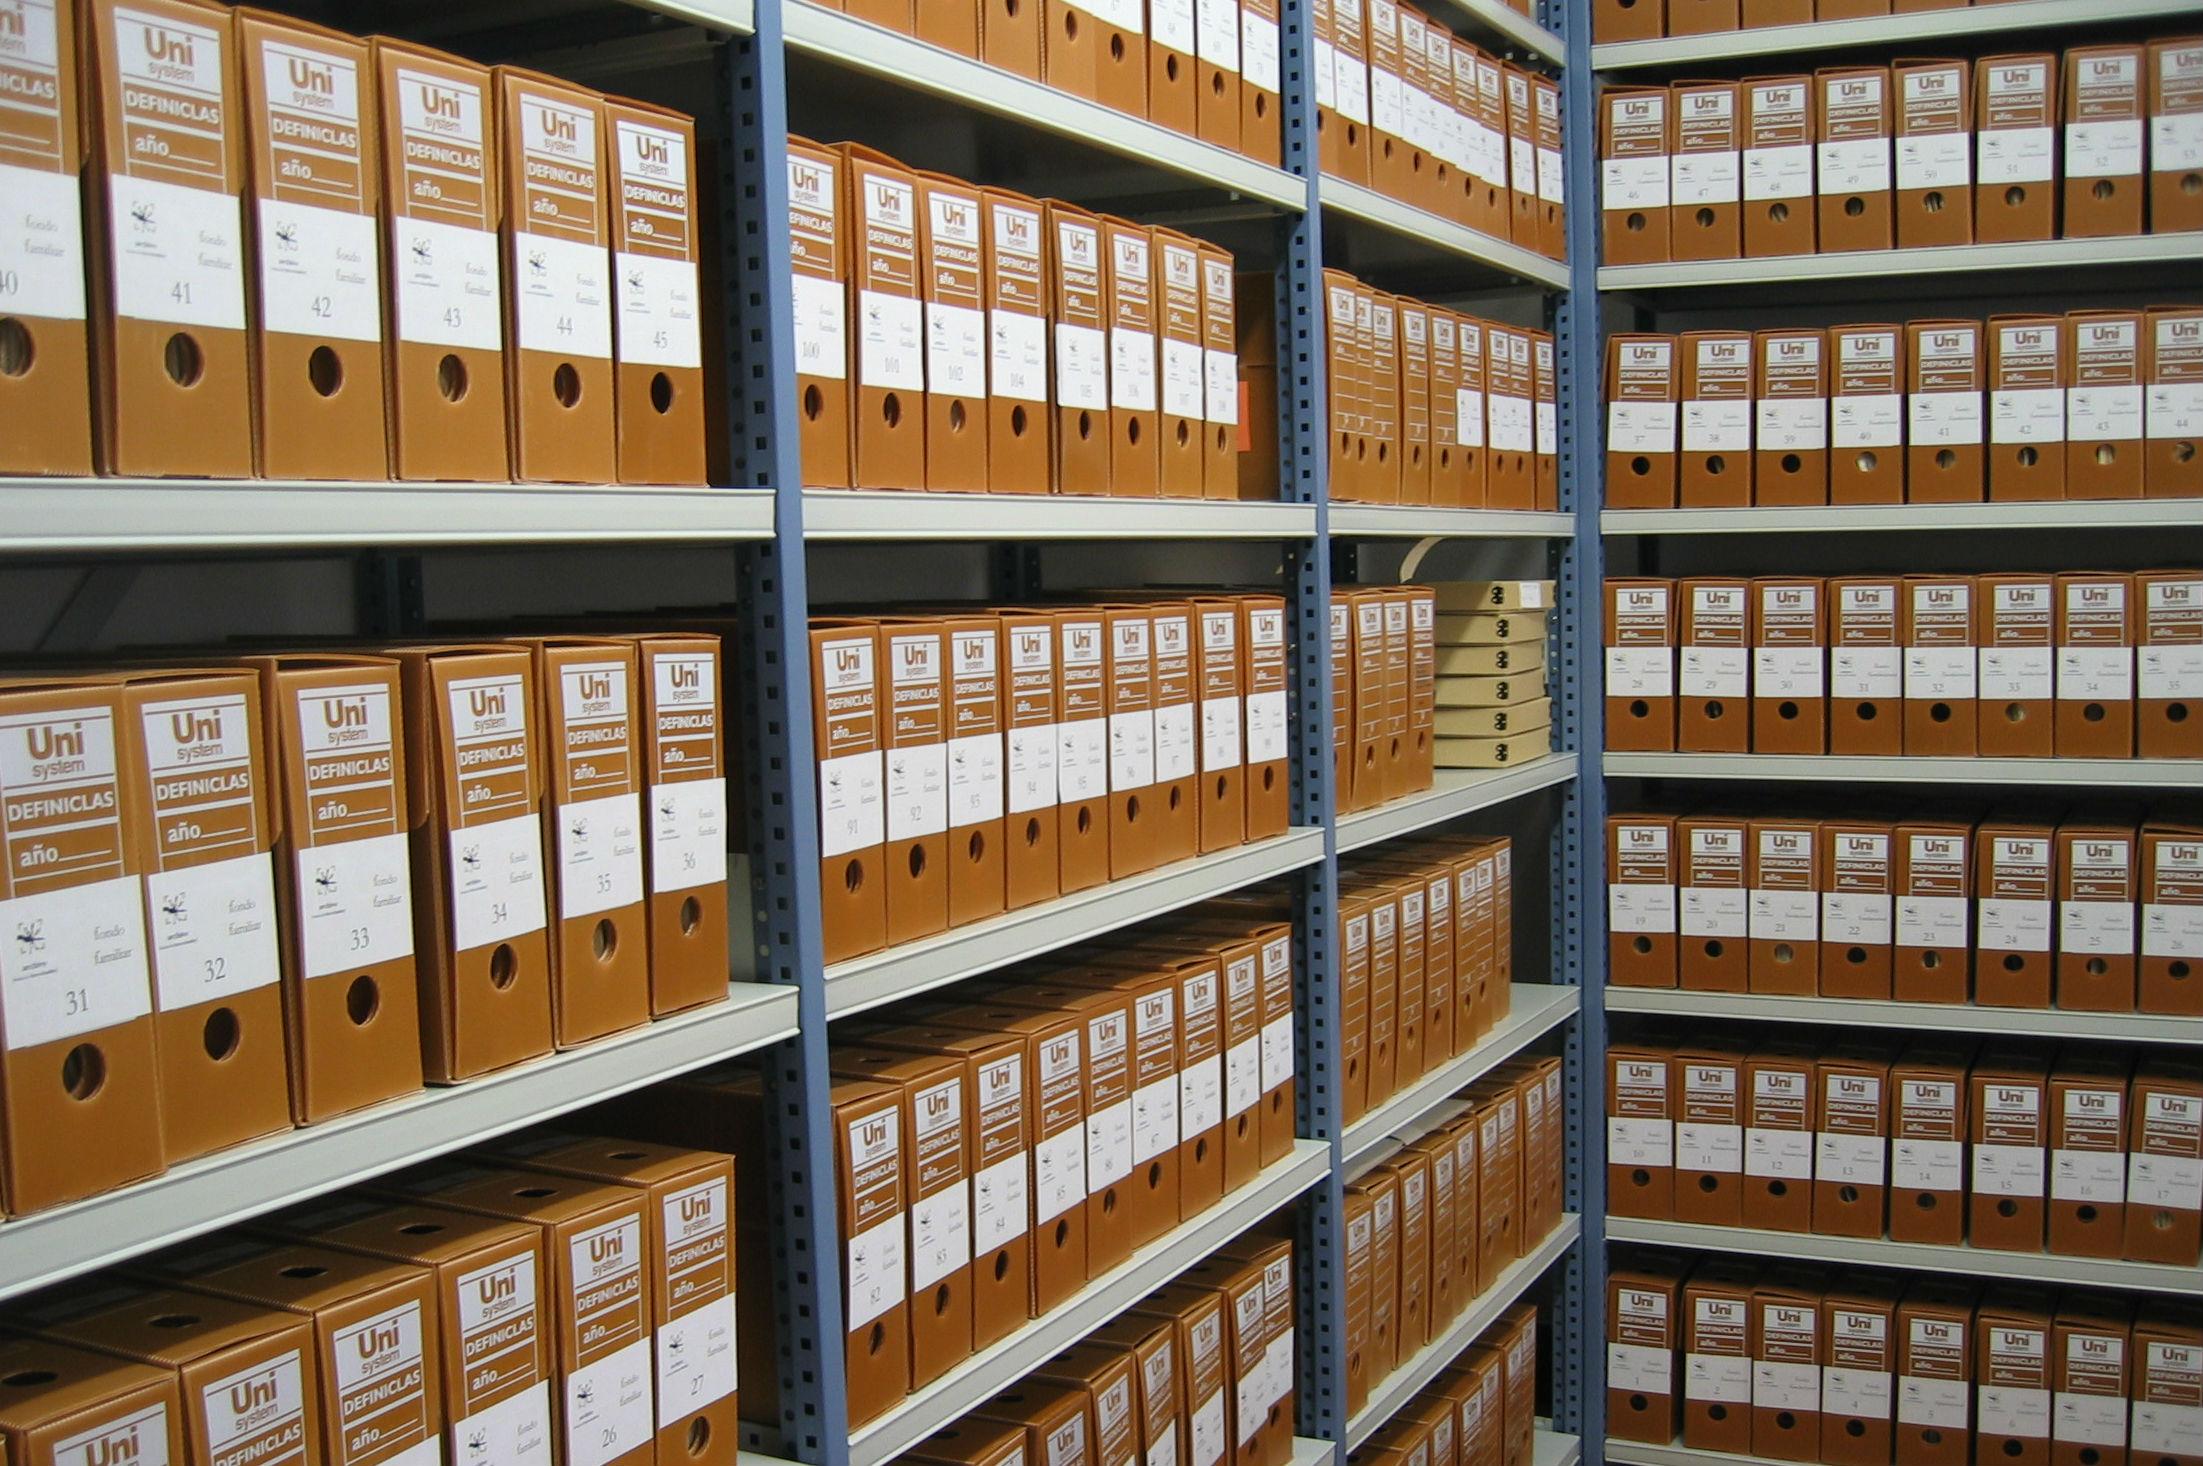 Archivistes et informaticiens doivent travailler ensemble